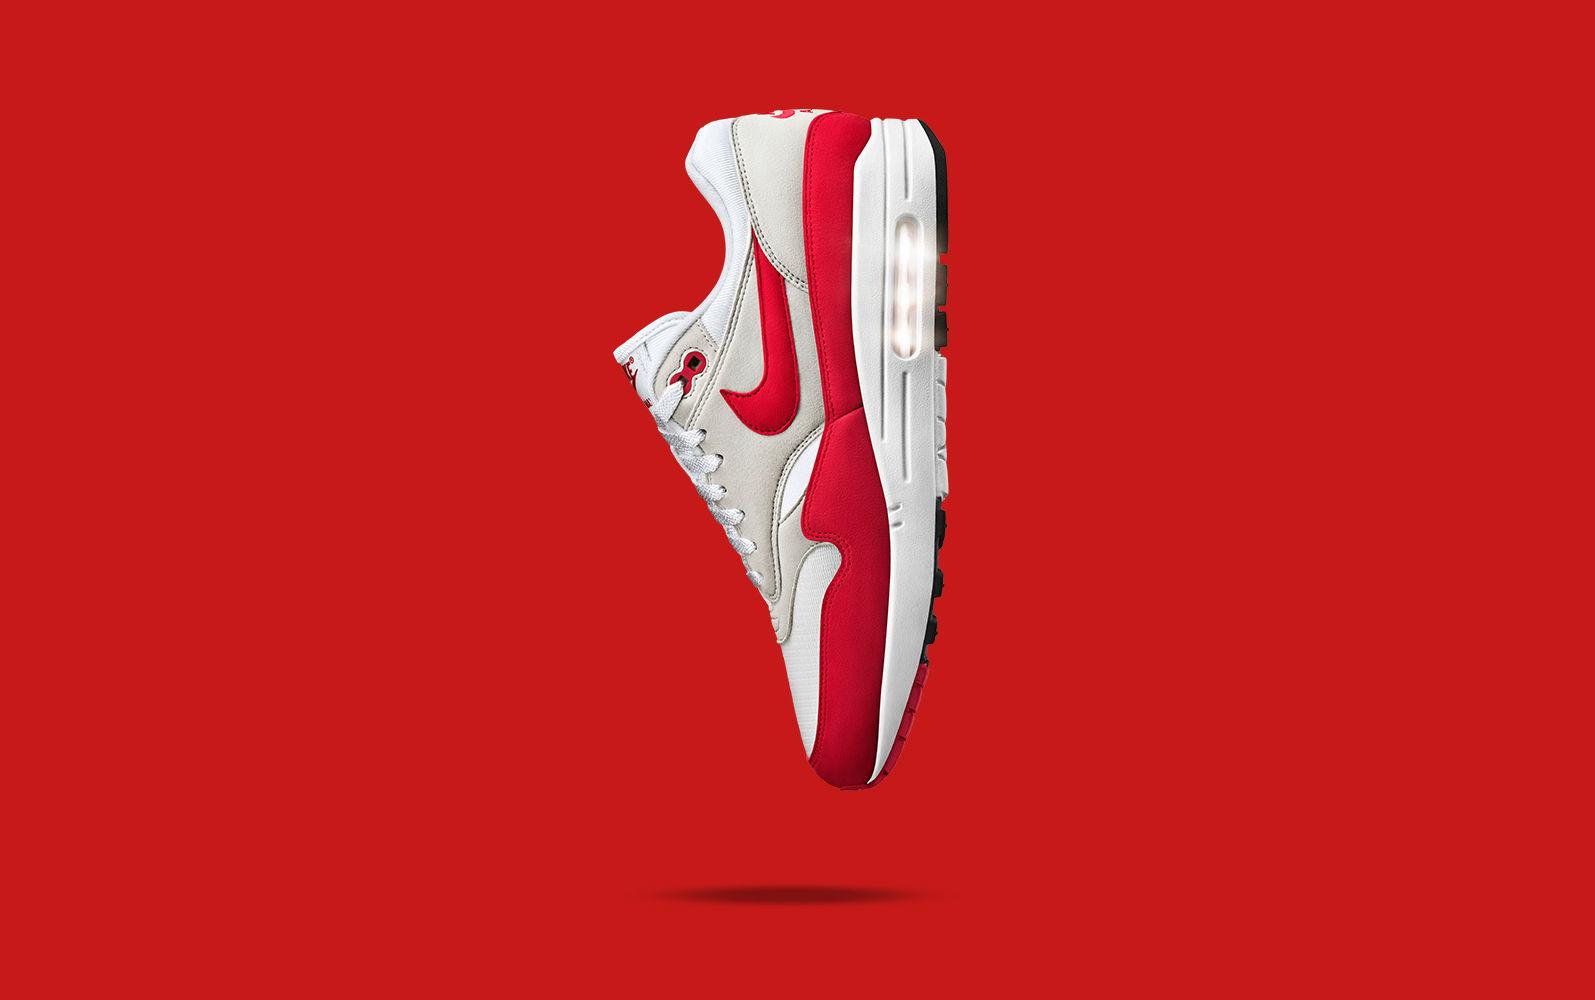 b62b0b4c11ca Restock Nike Air Max 1 OG Anniversary Red - Le Site de la Sneaker